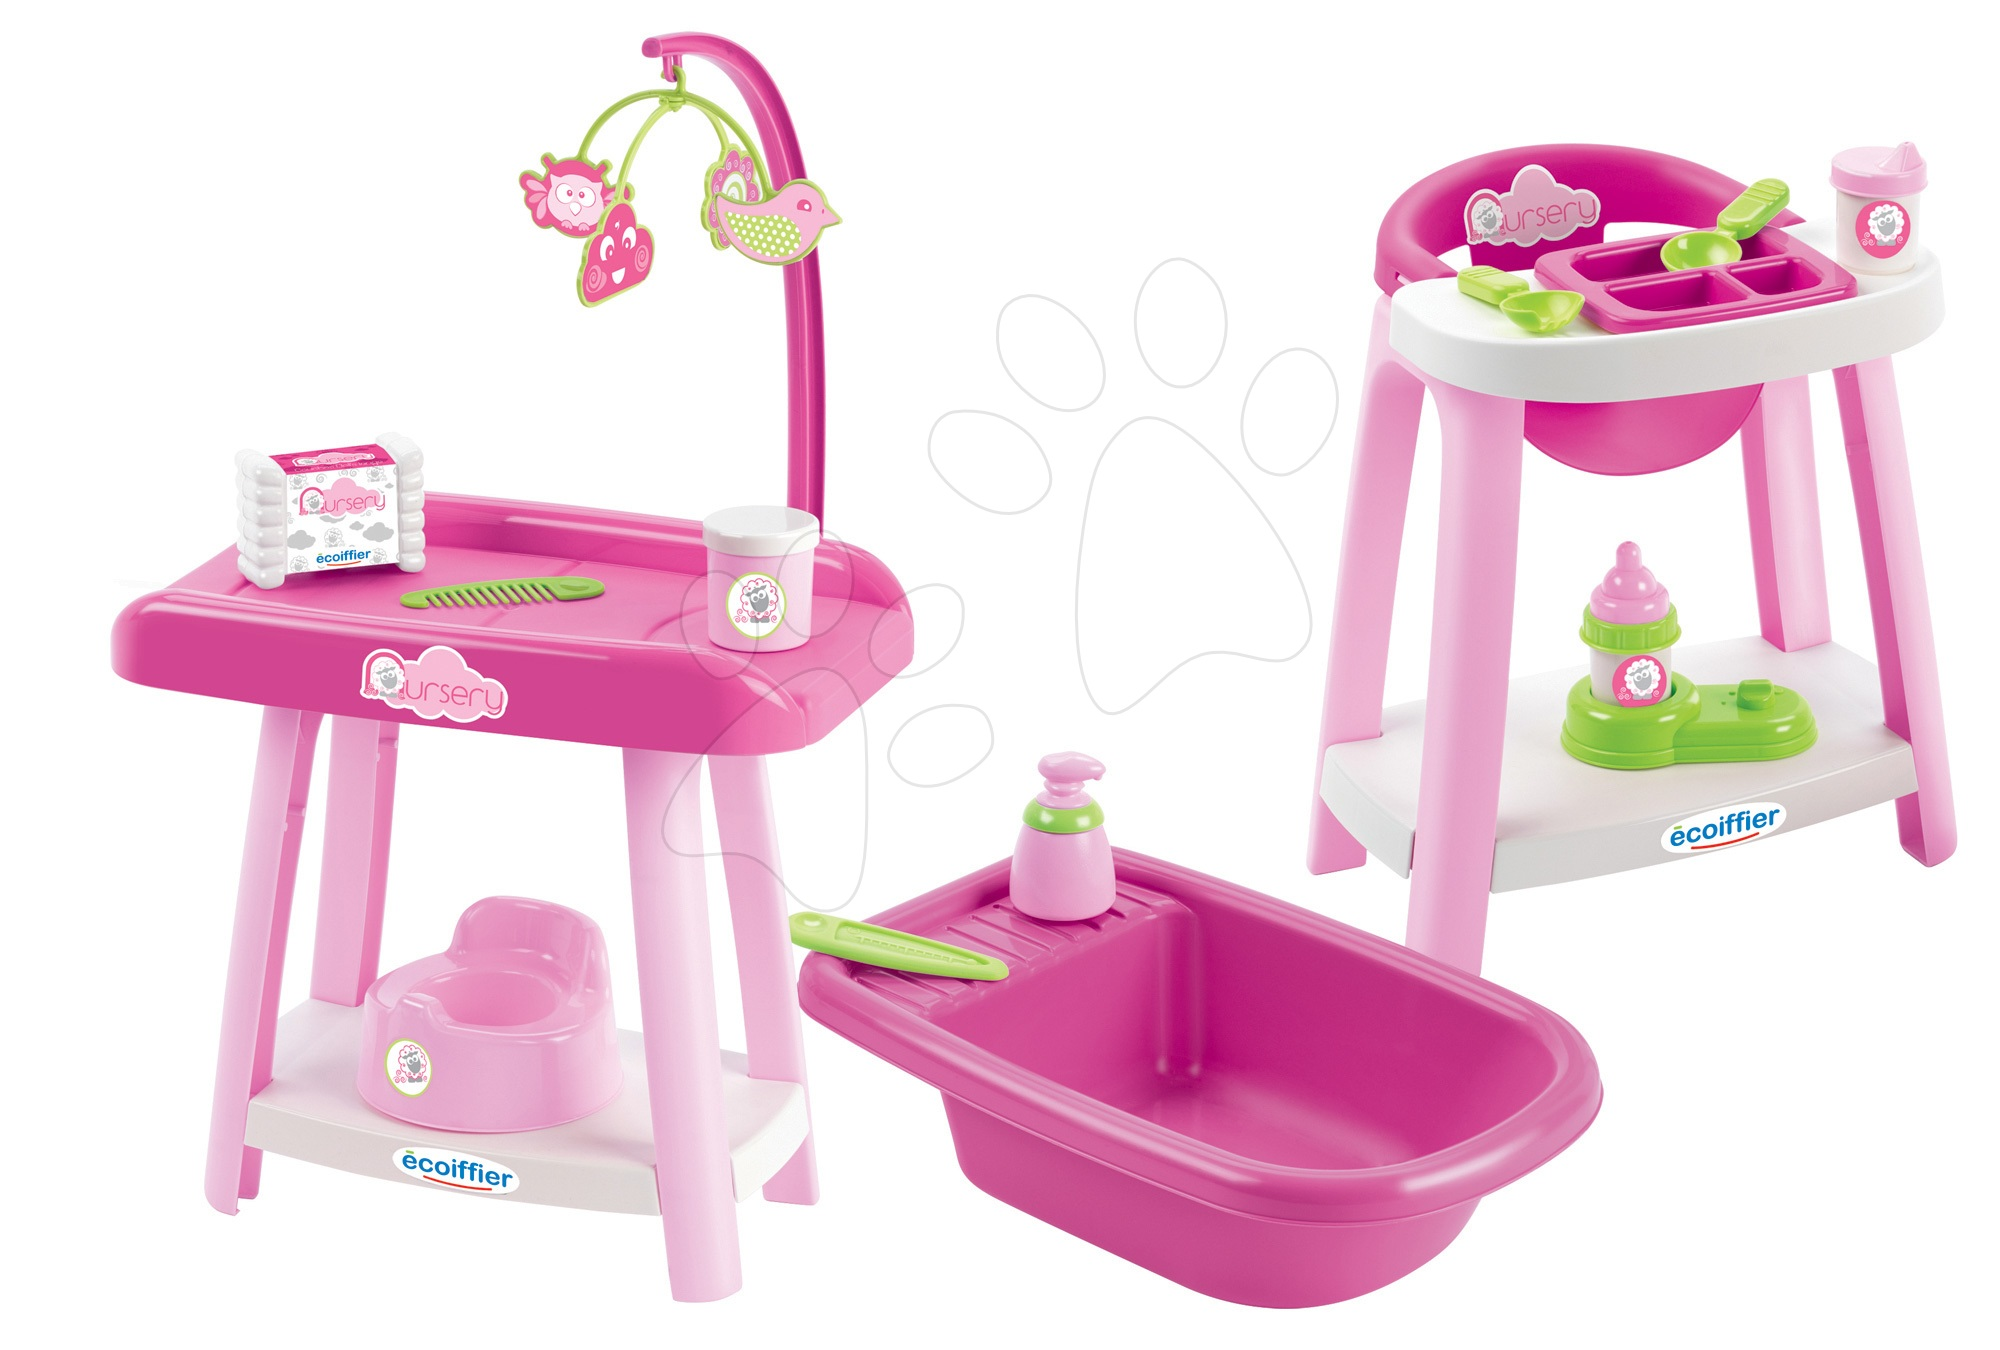 Domečky pro panenky - Přebalovací pult se židlí a vaničkou Nursery 3v1 Écoiffier 15 doplňků růžový od 12 měsíců